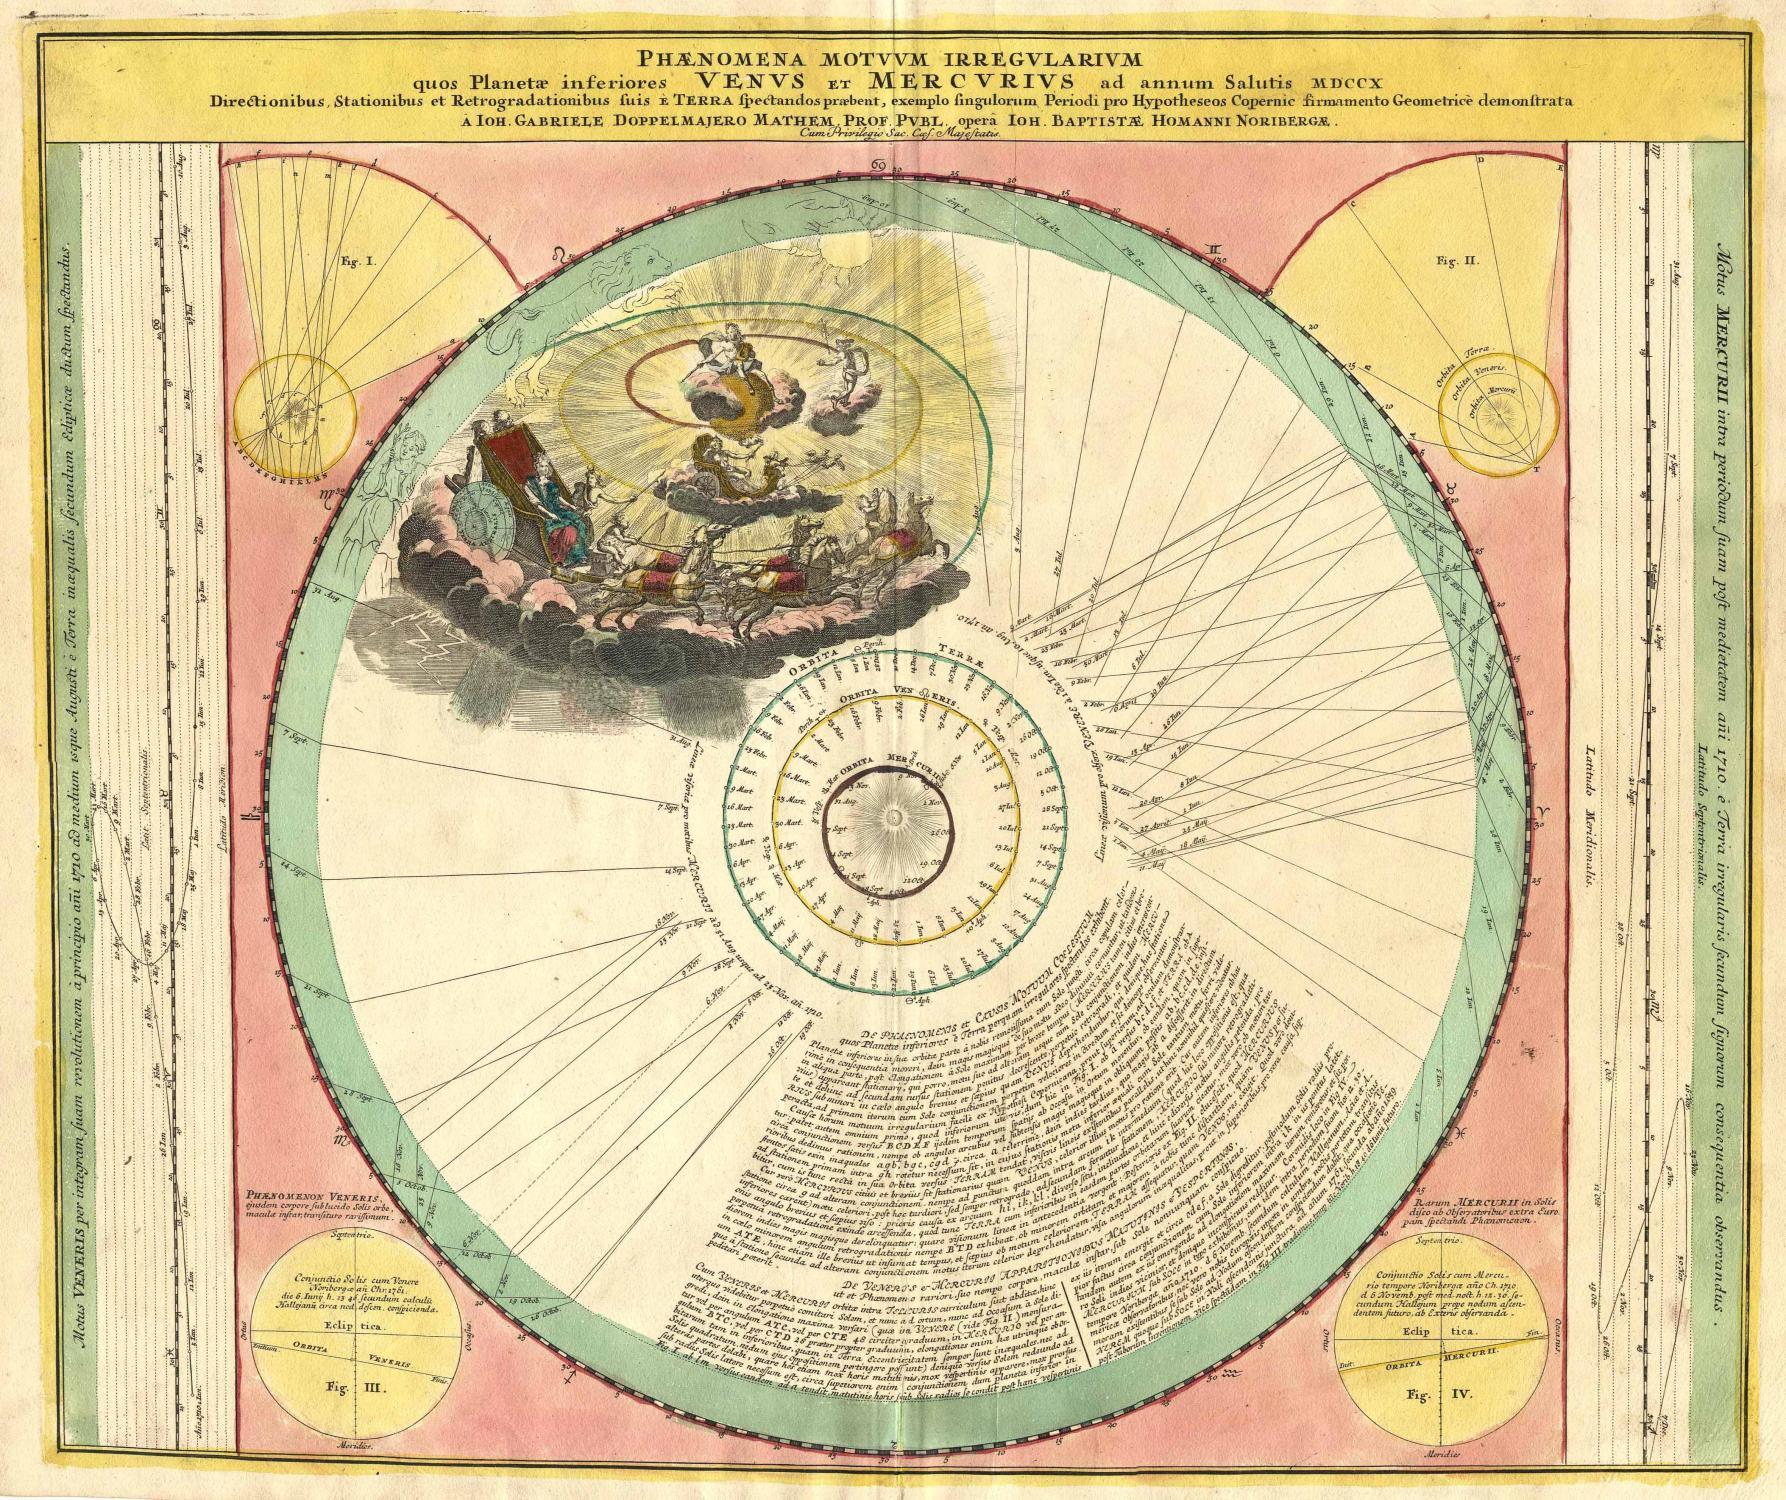 Phaenomena Motuuum Irregularium quos Planetae inferiores Venus Et Mercurius ad annum Salutis